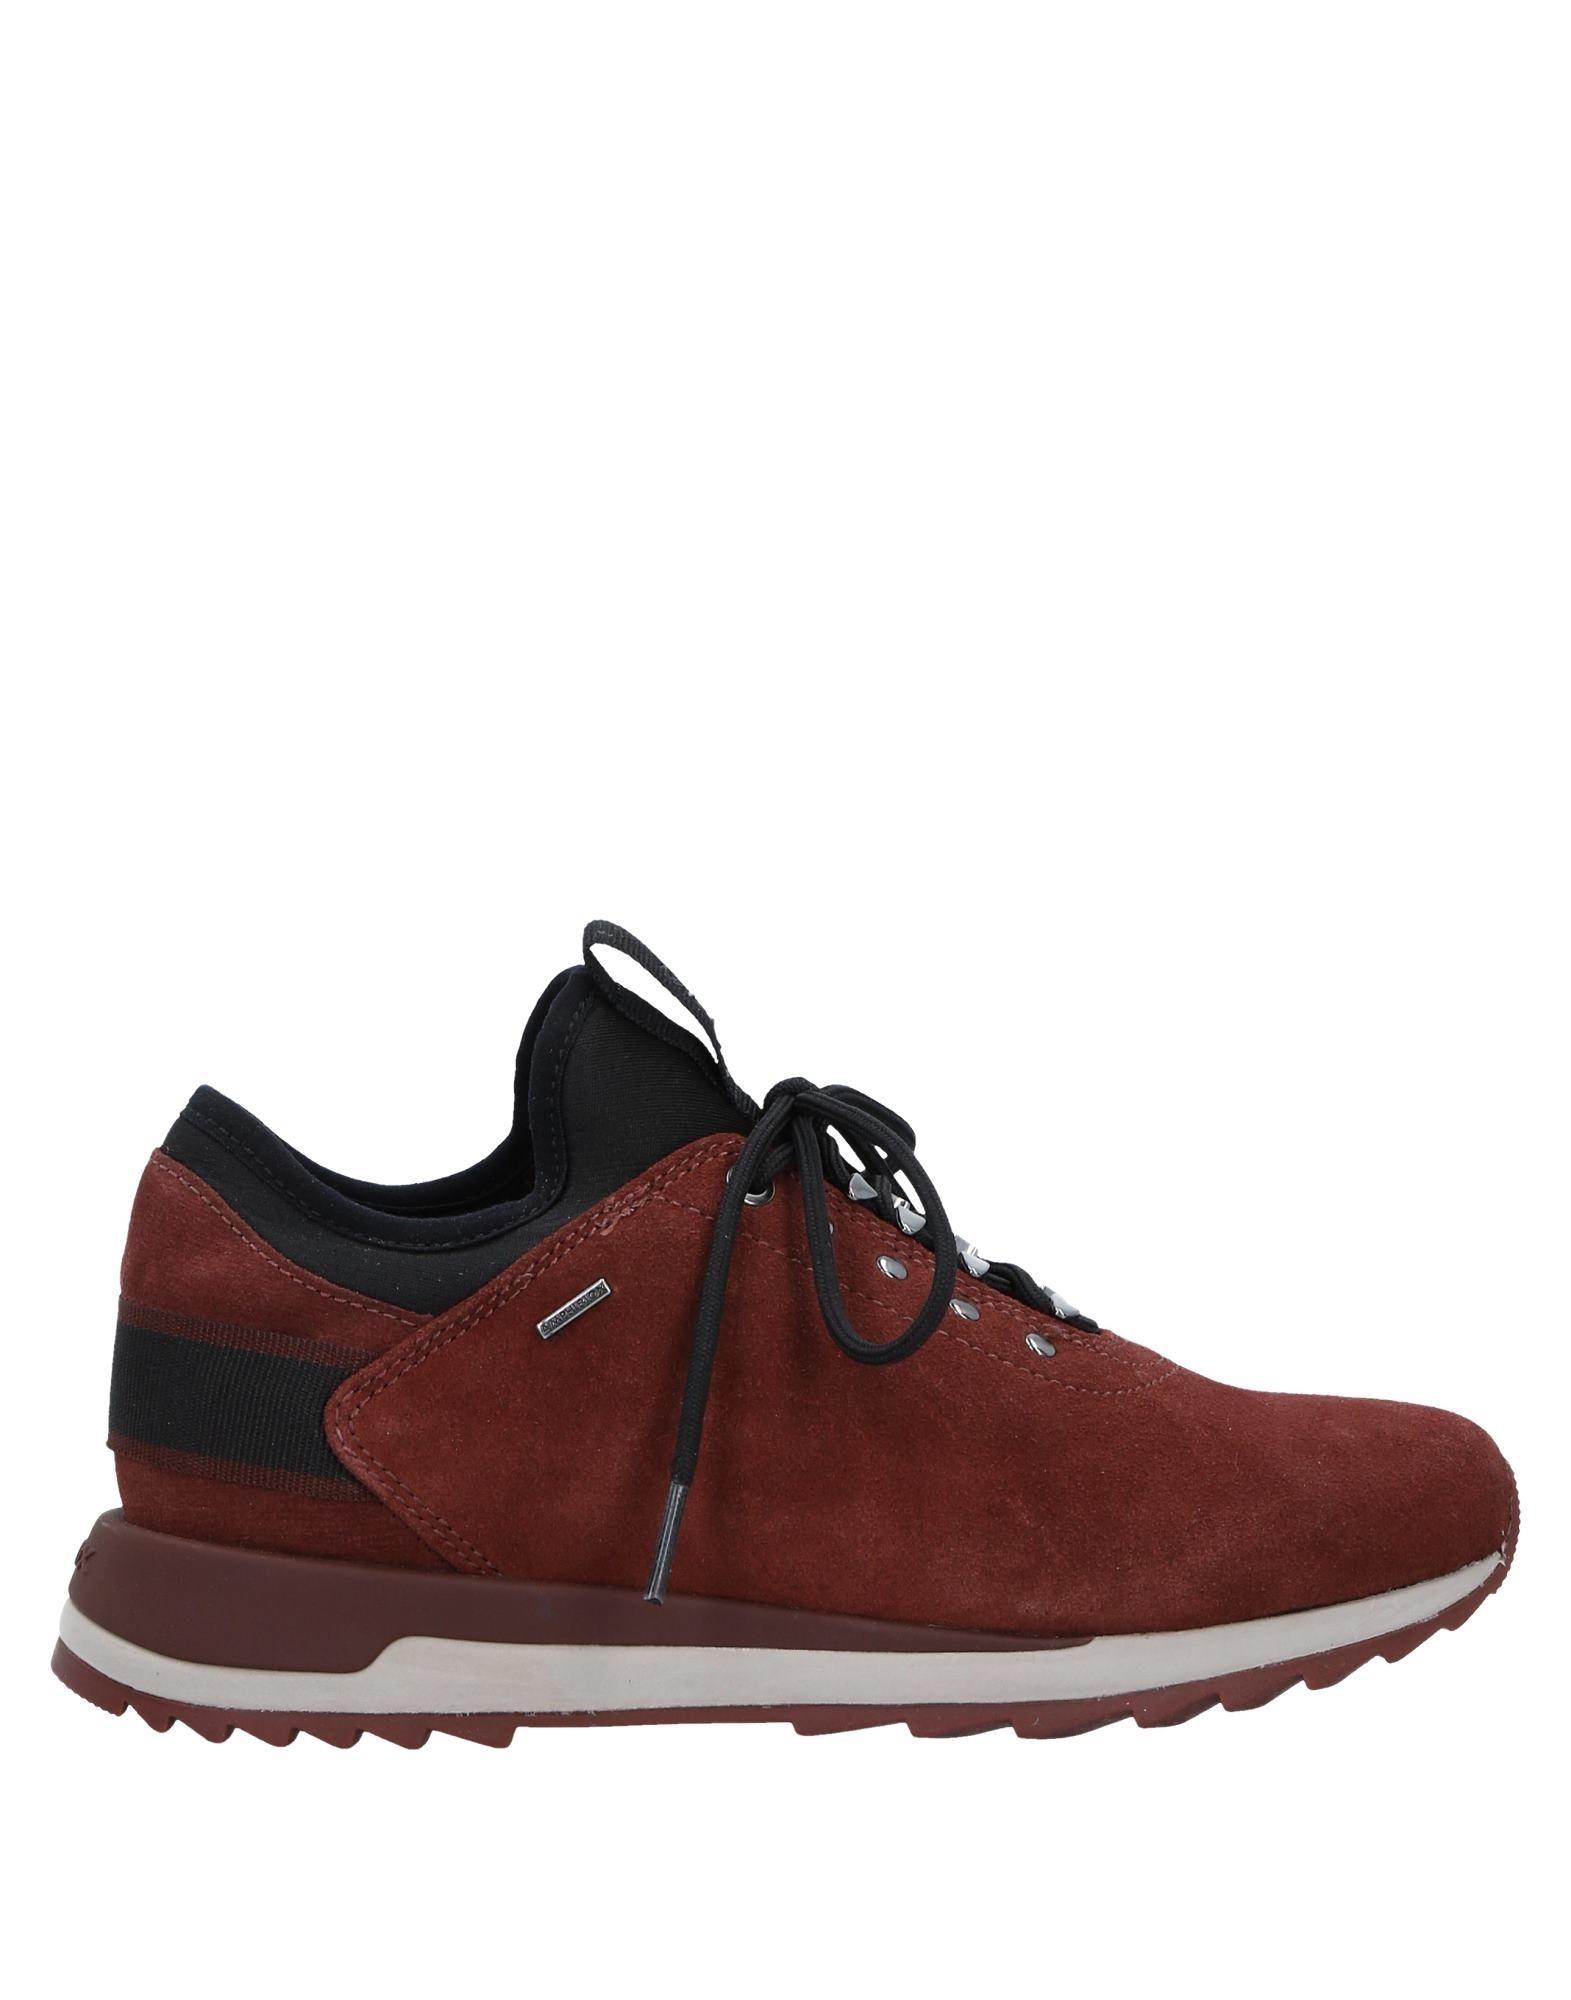 Geox Sneakers Damen  11541445QS Gute Qualität beliebte Schuhe